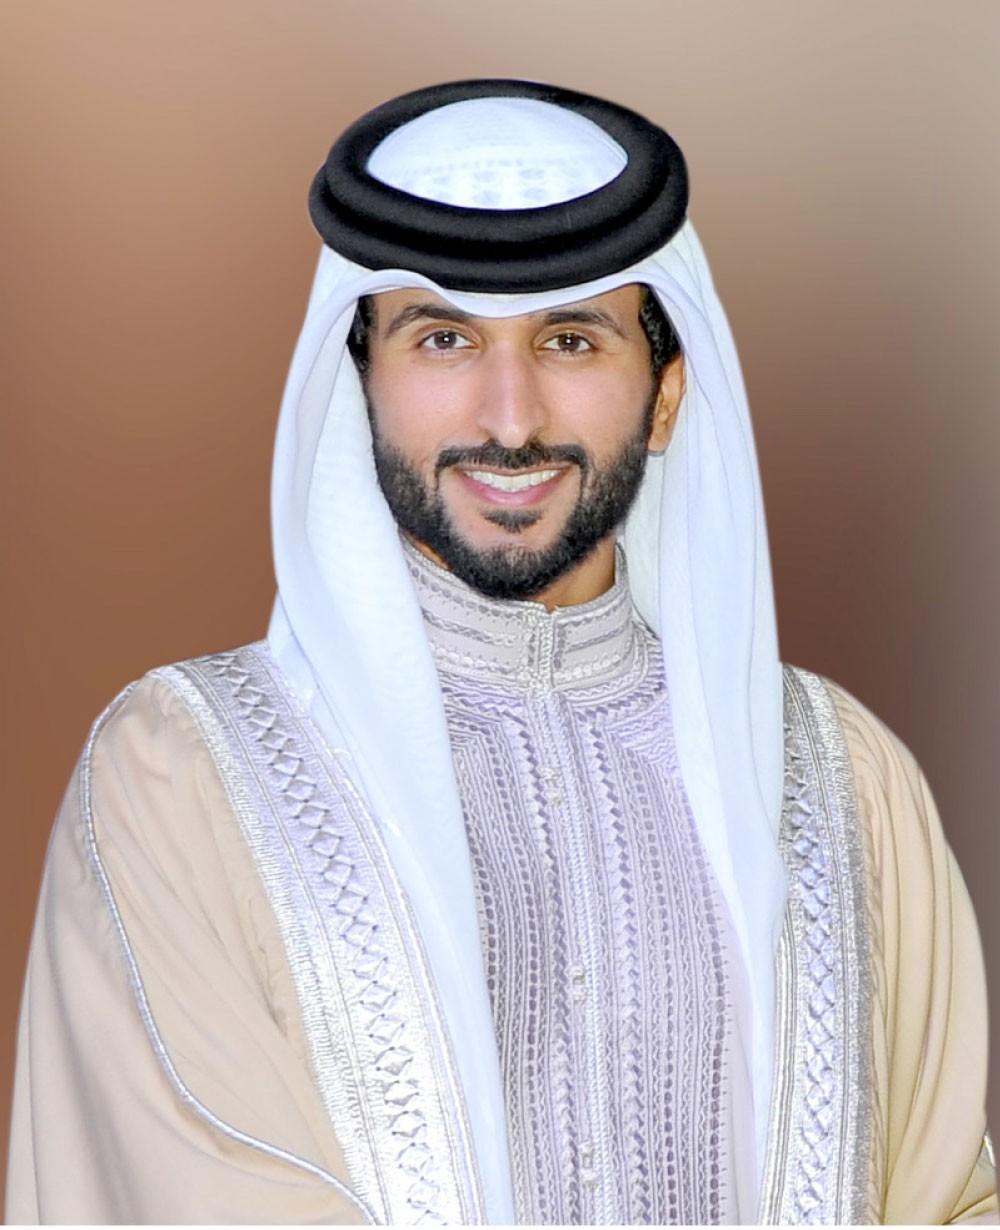 ناصر بن حمد: التعرض للقيادة خط أحمر ونحذر من الزج باسمنا في الفتنة